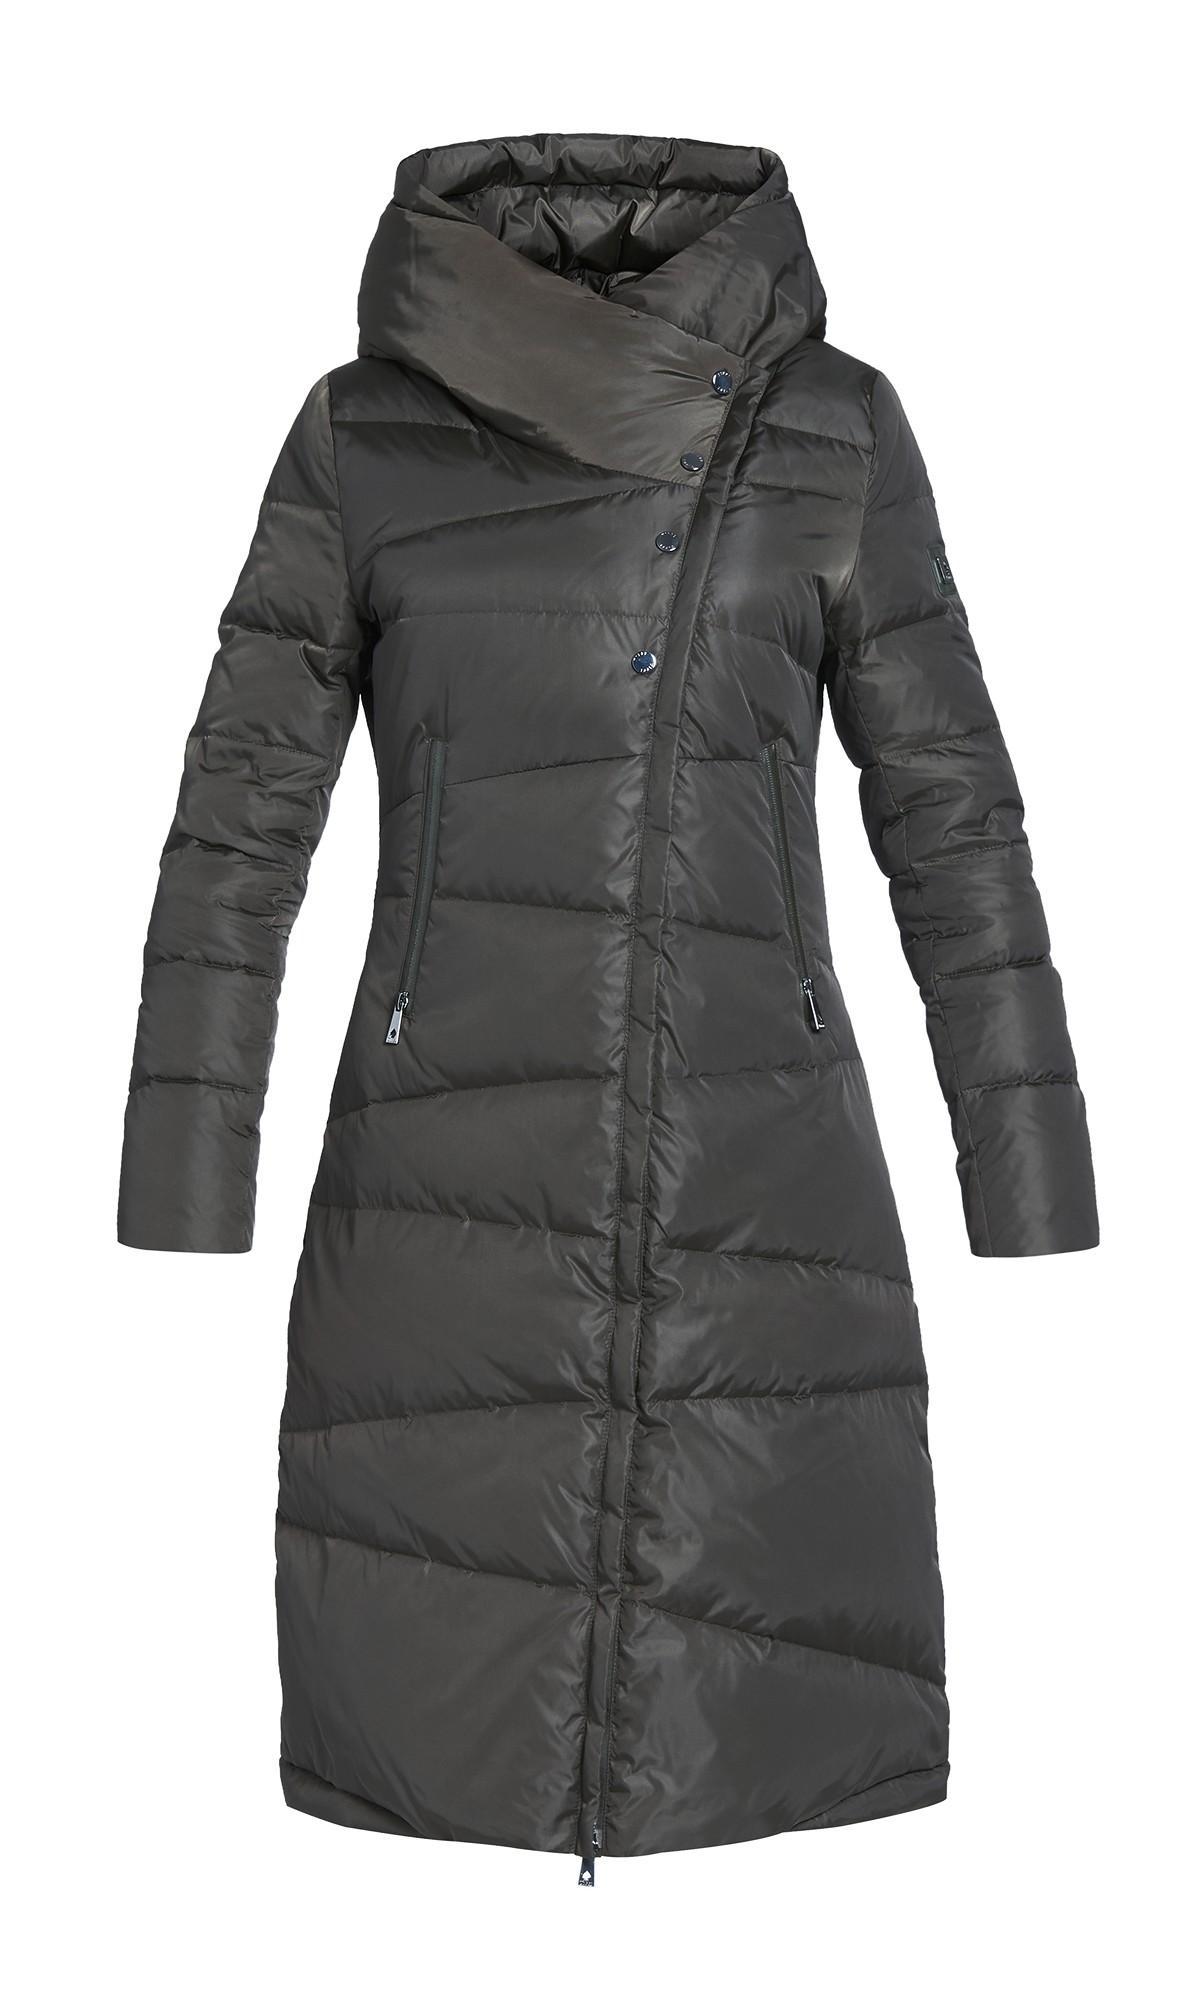 Kurtka zimowa Tiffi w kolorze khaki z kapturem, puchowa długa